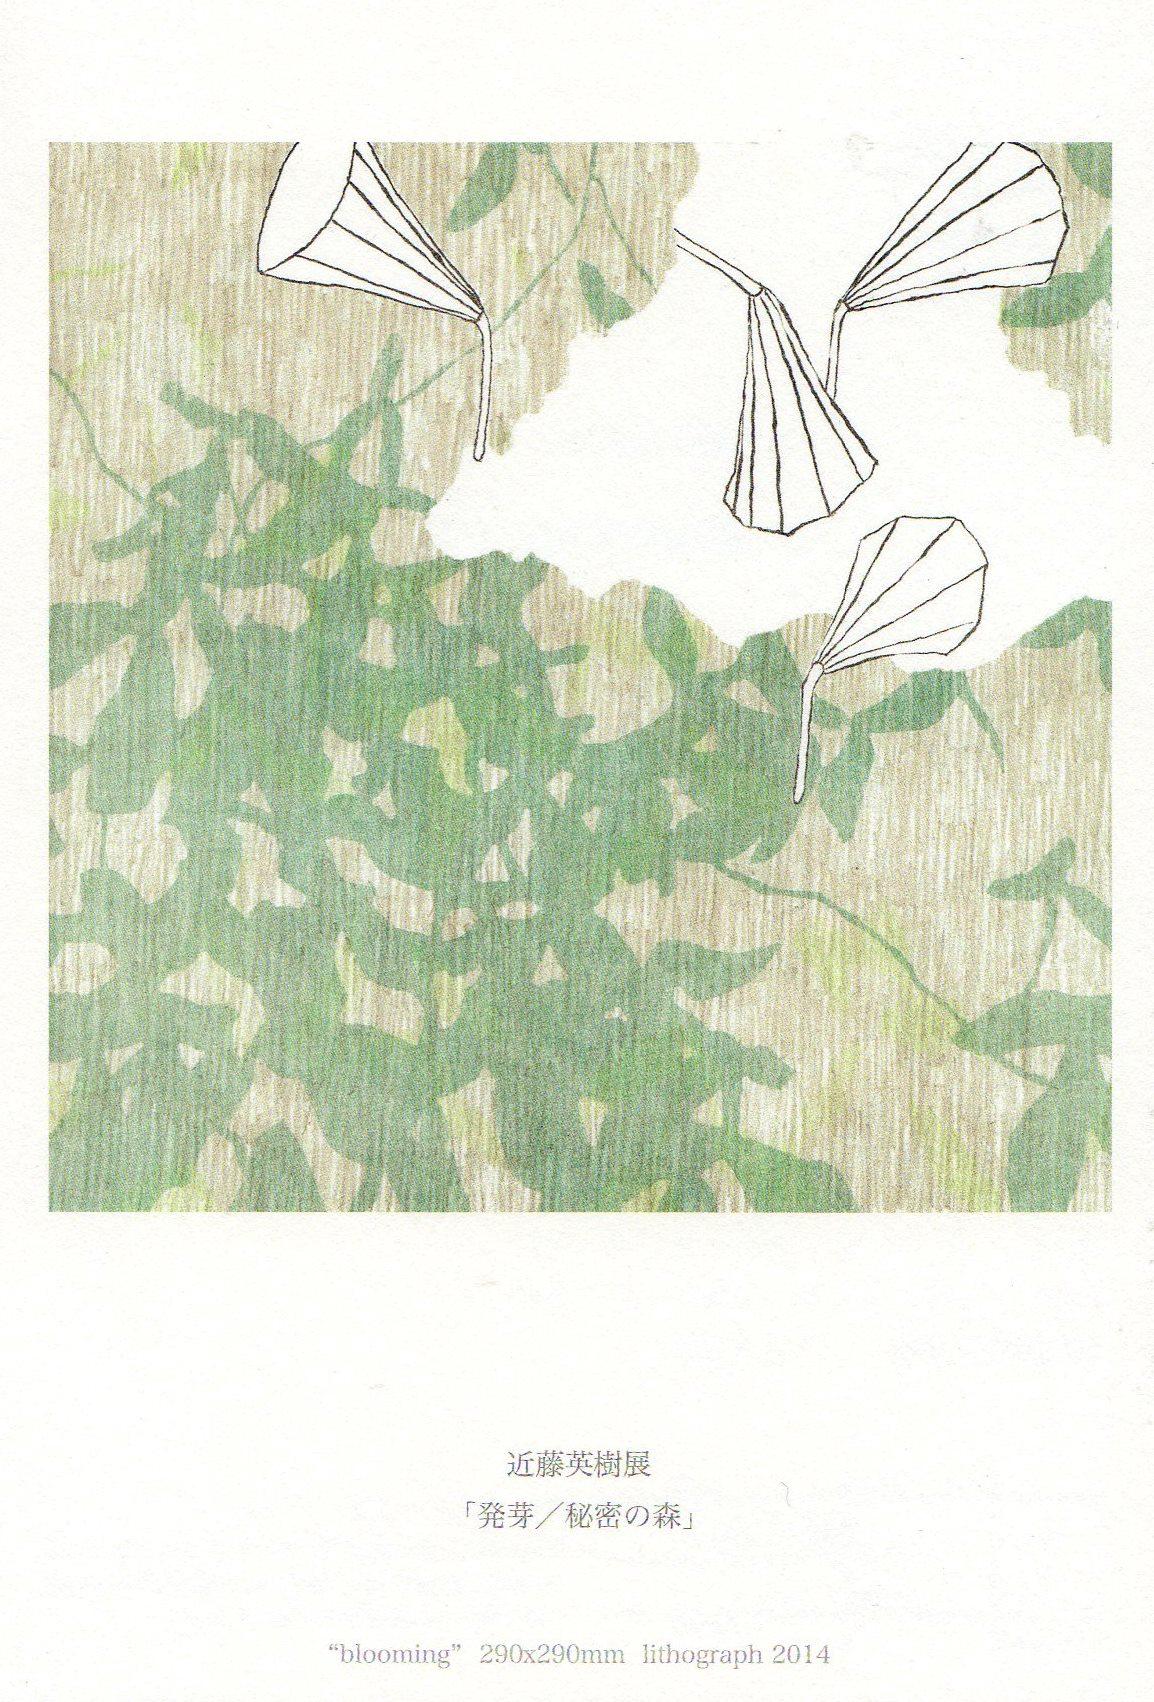 近藤英樹展 ギャラリーリブ・アート